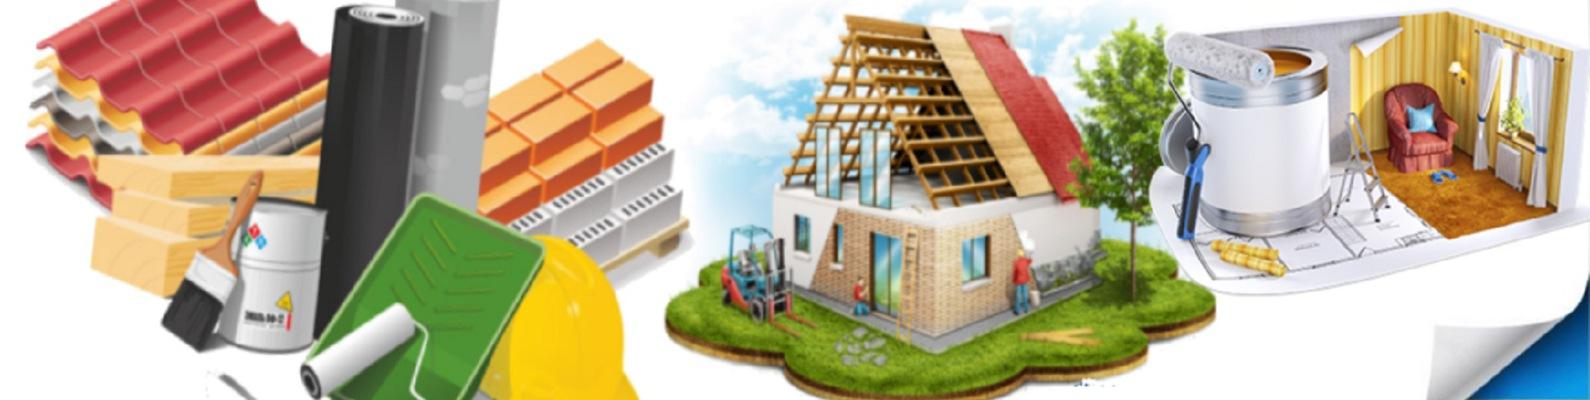 Сайты компаний отделочных материалов компания azur air официальный сайт